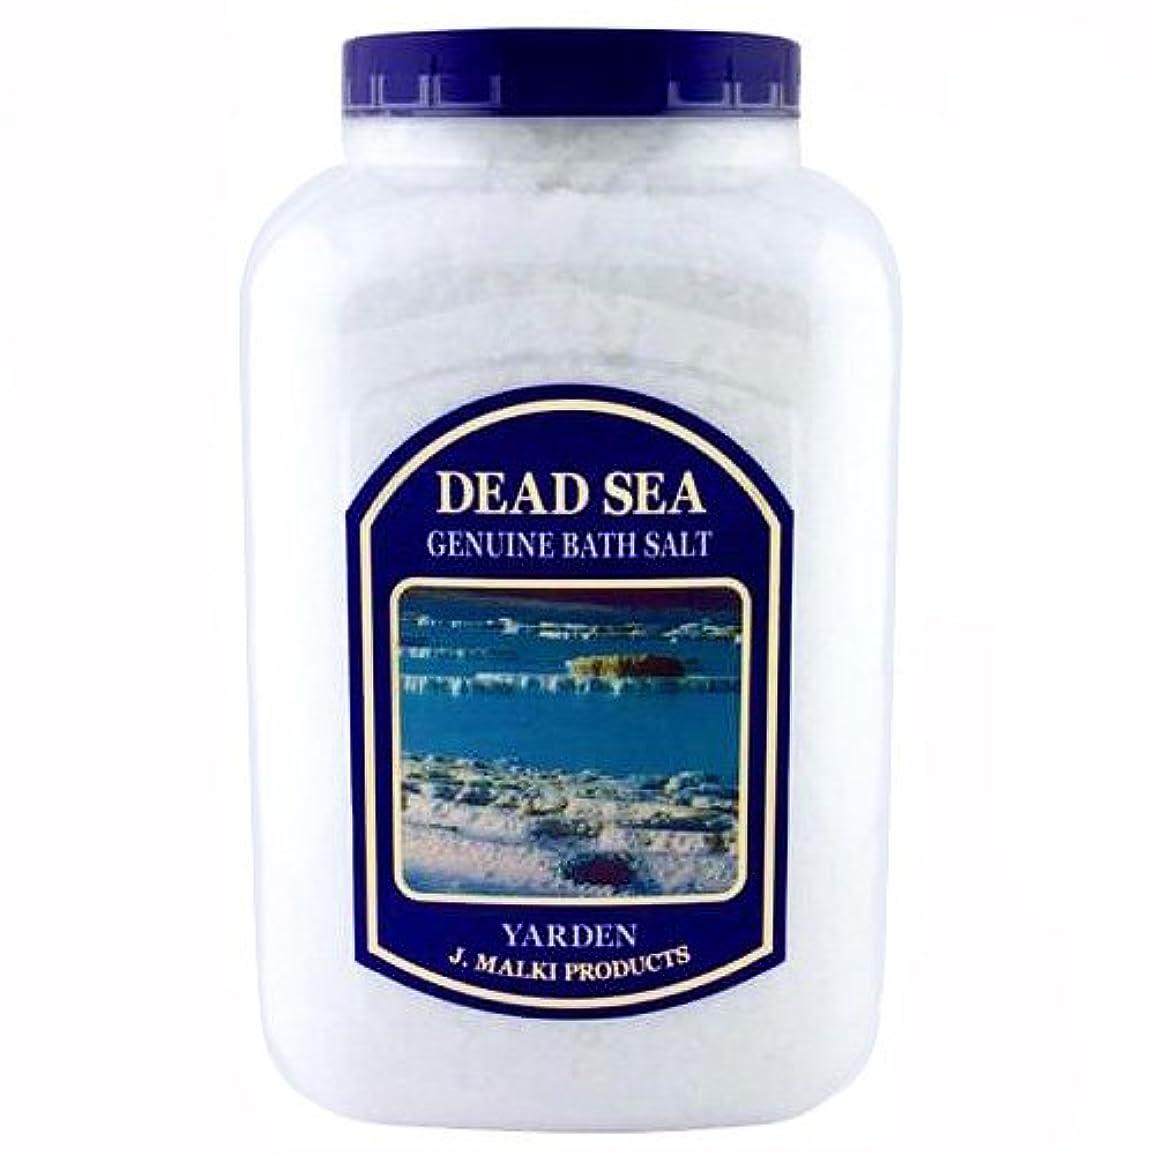 シチリアフェッチ海里デッドシー・バスソルト 4.5kg(約45回分)【DEAD SEA BATH SALT】死海の塩/入浴剤(入浴用化粧品)【正規販売店】